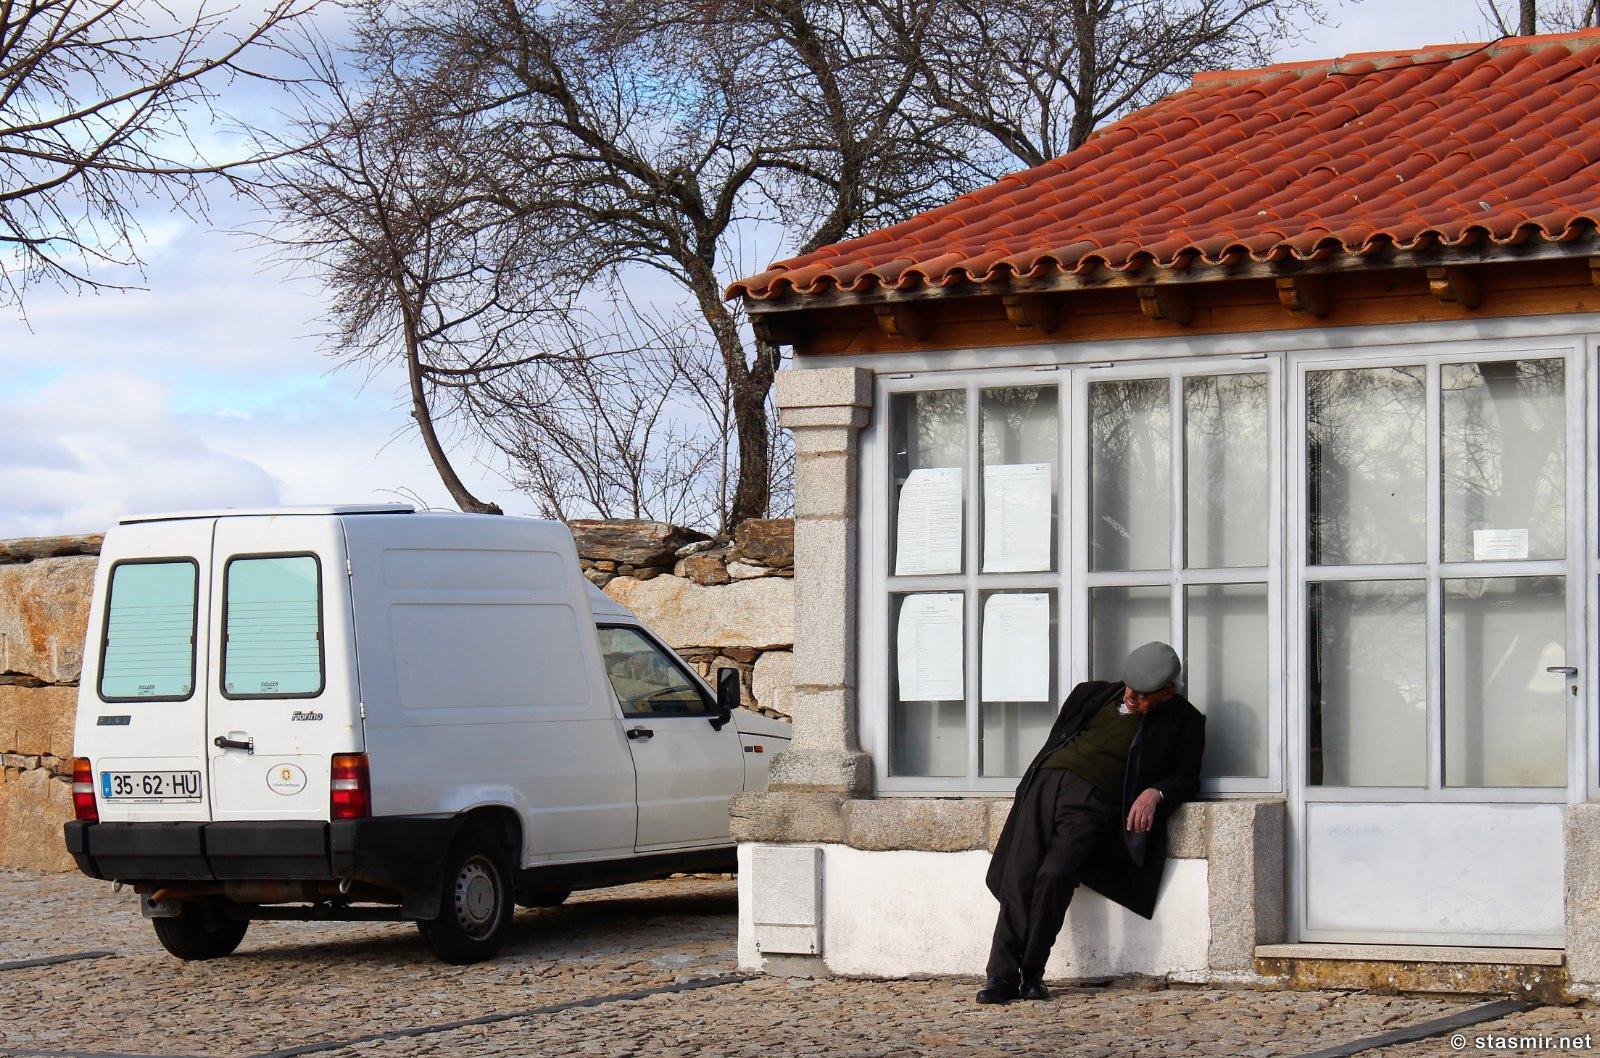 очень пьяный человек спит стоя в местечке Мтранда-ду-Дору, Португалия, фото Стасмир, Photo Stasmir